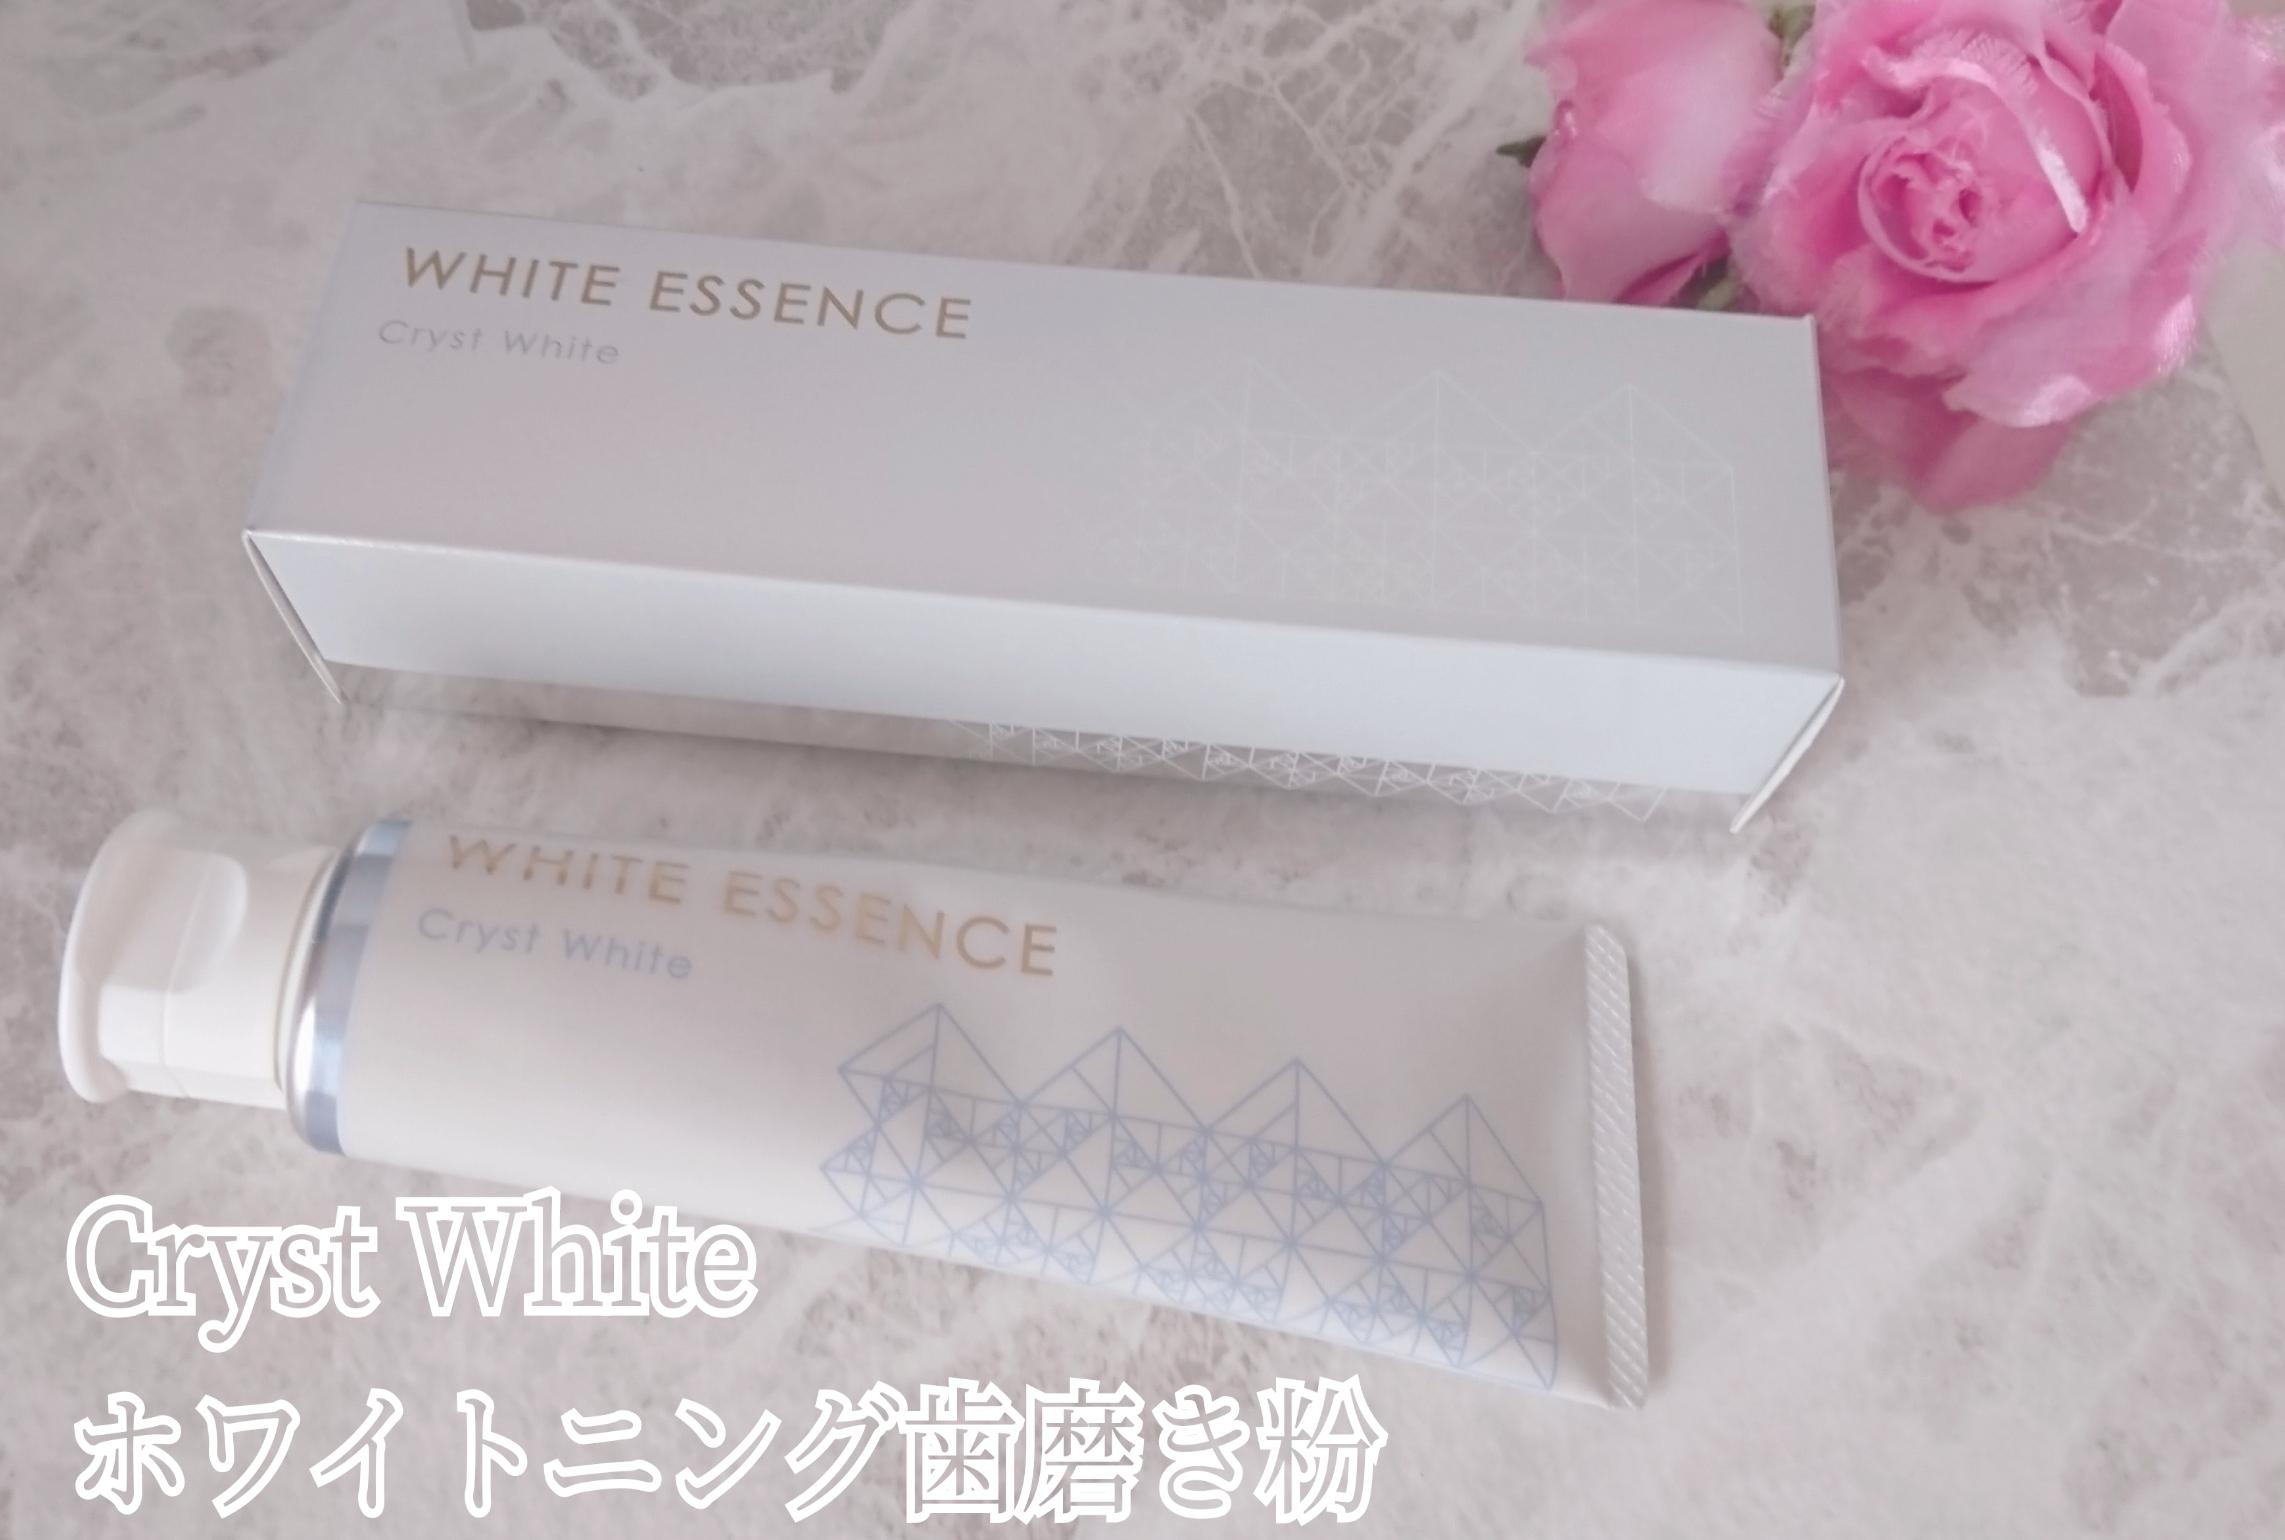 WHITE ESSENCE(ホワイトエッセンス) ホワイトニングシート ココホワイトの良い点・メリットに関するYuKaRi♡さんの口コミ画像2